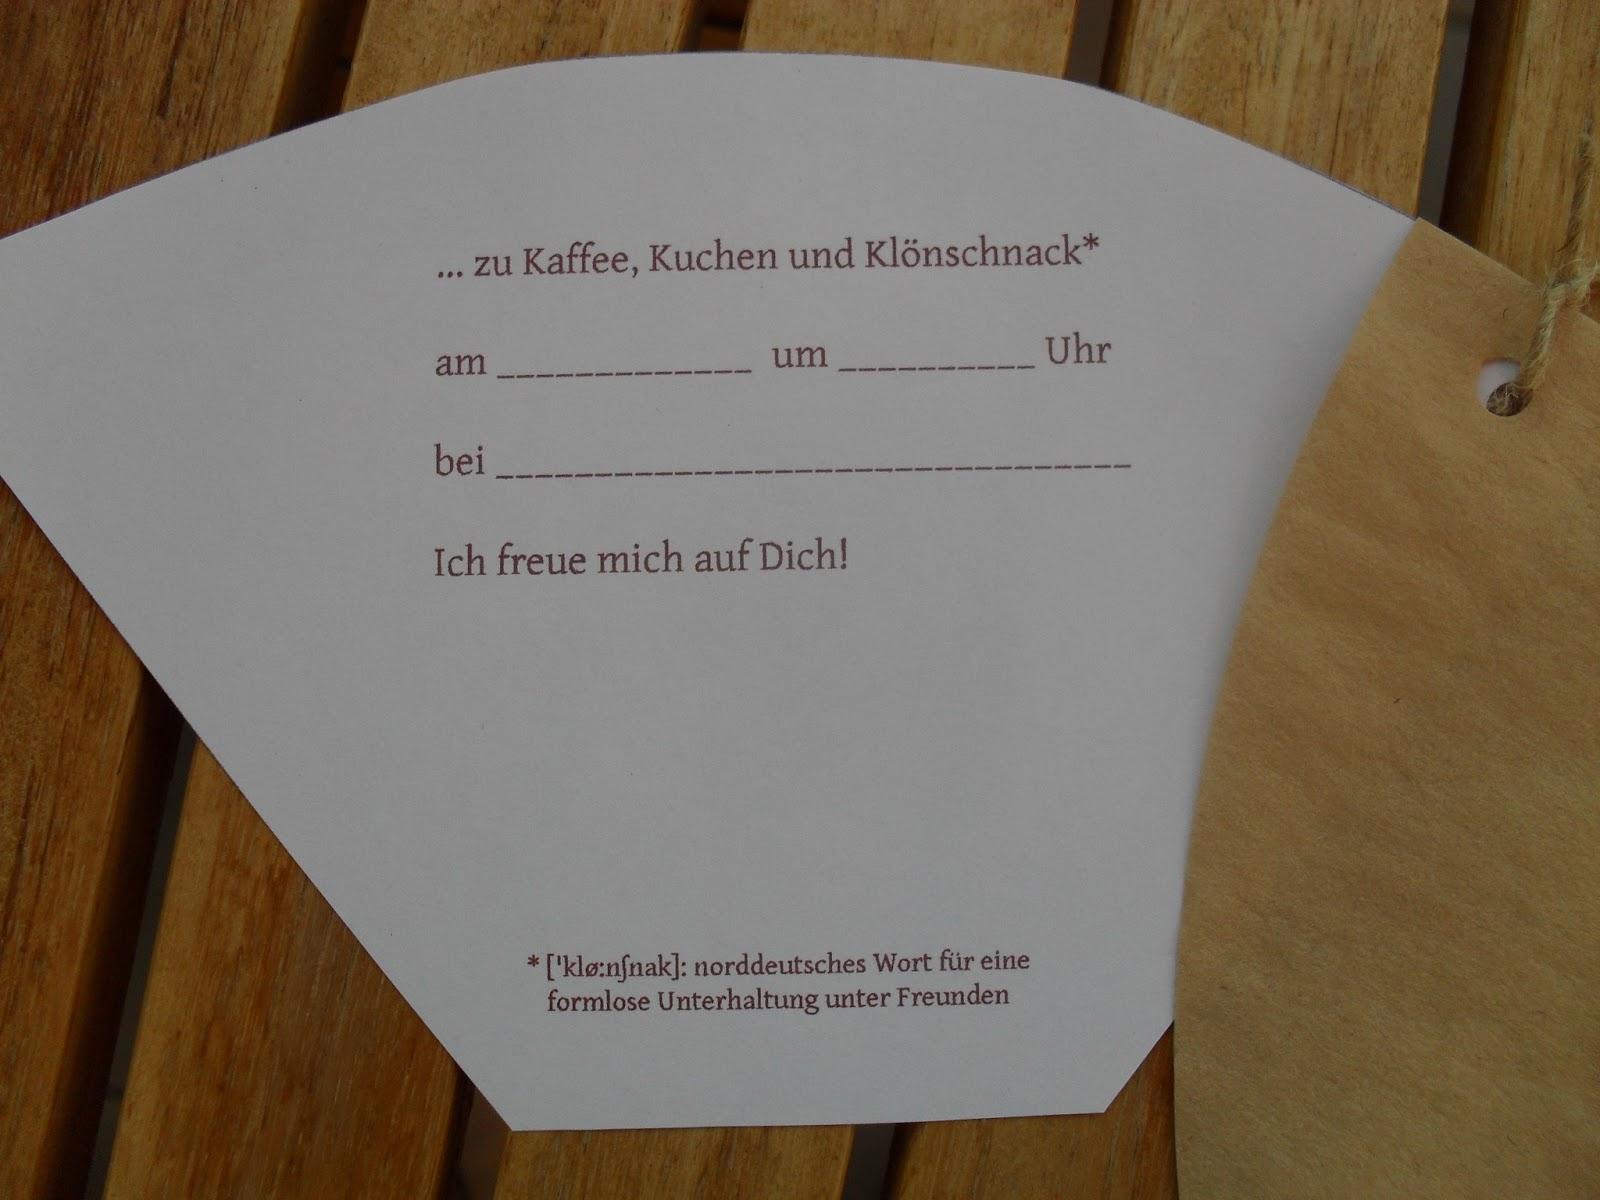 Einladung Zu Kaffee Kuchen Und Klonschnack Mausmacherart